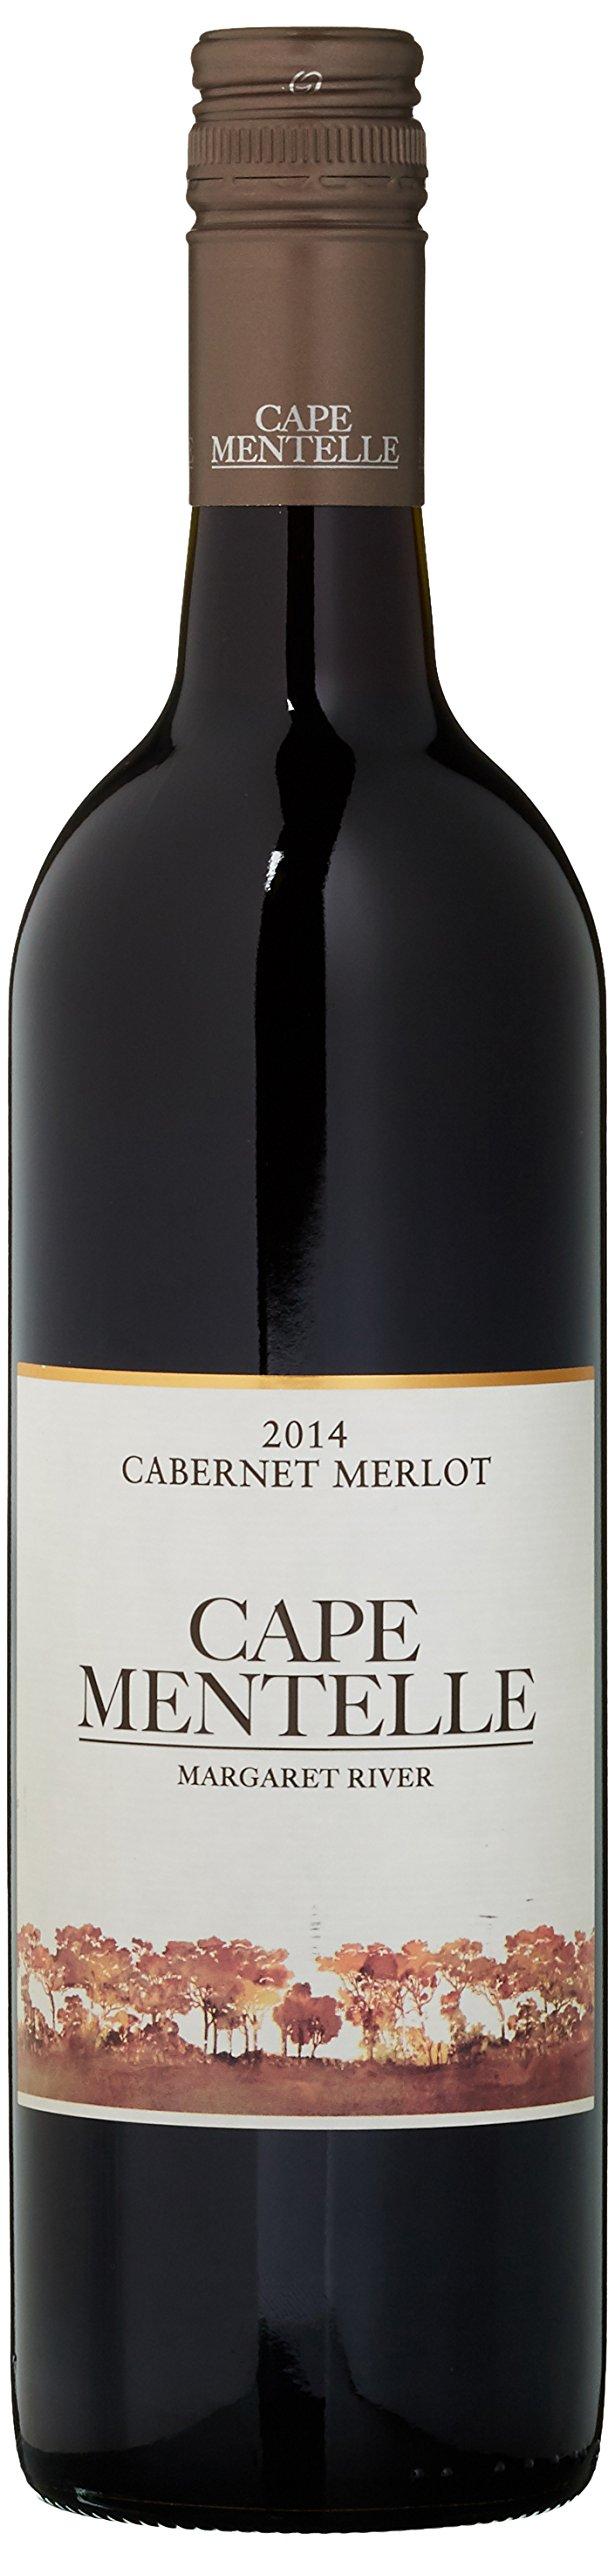 Cape-Mentelle-Cabernet-Merlot-Rotwein-1-x-075-l